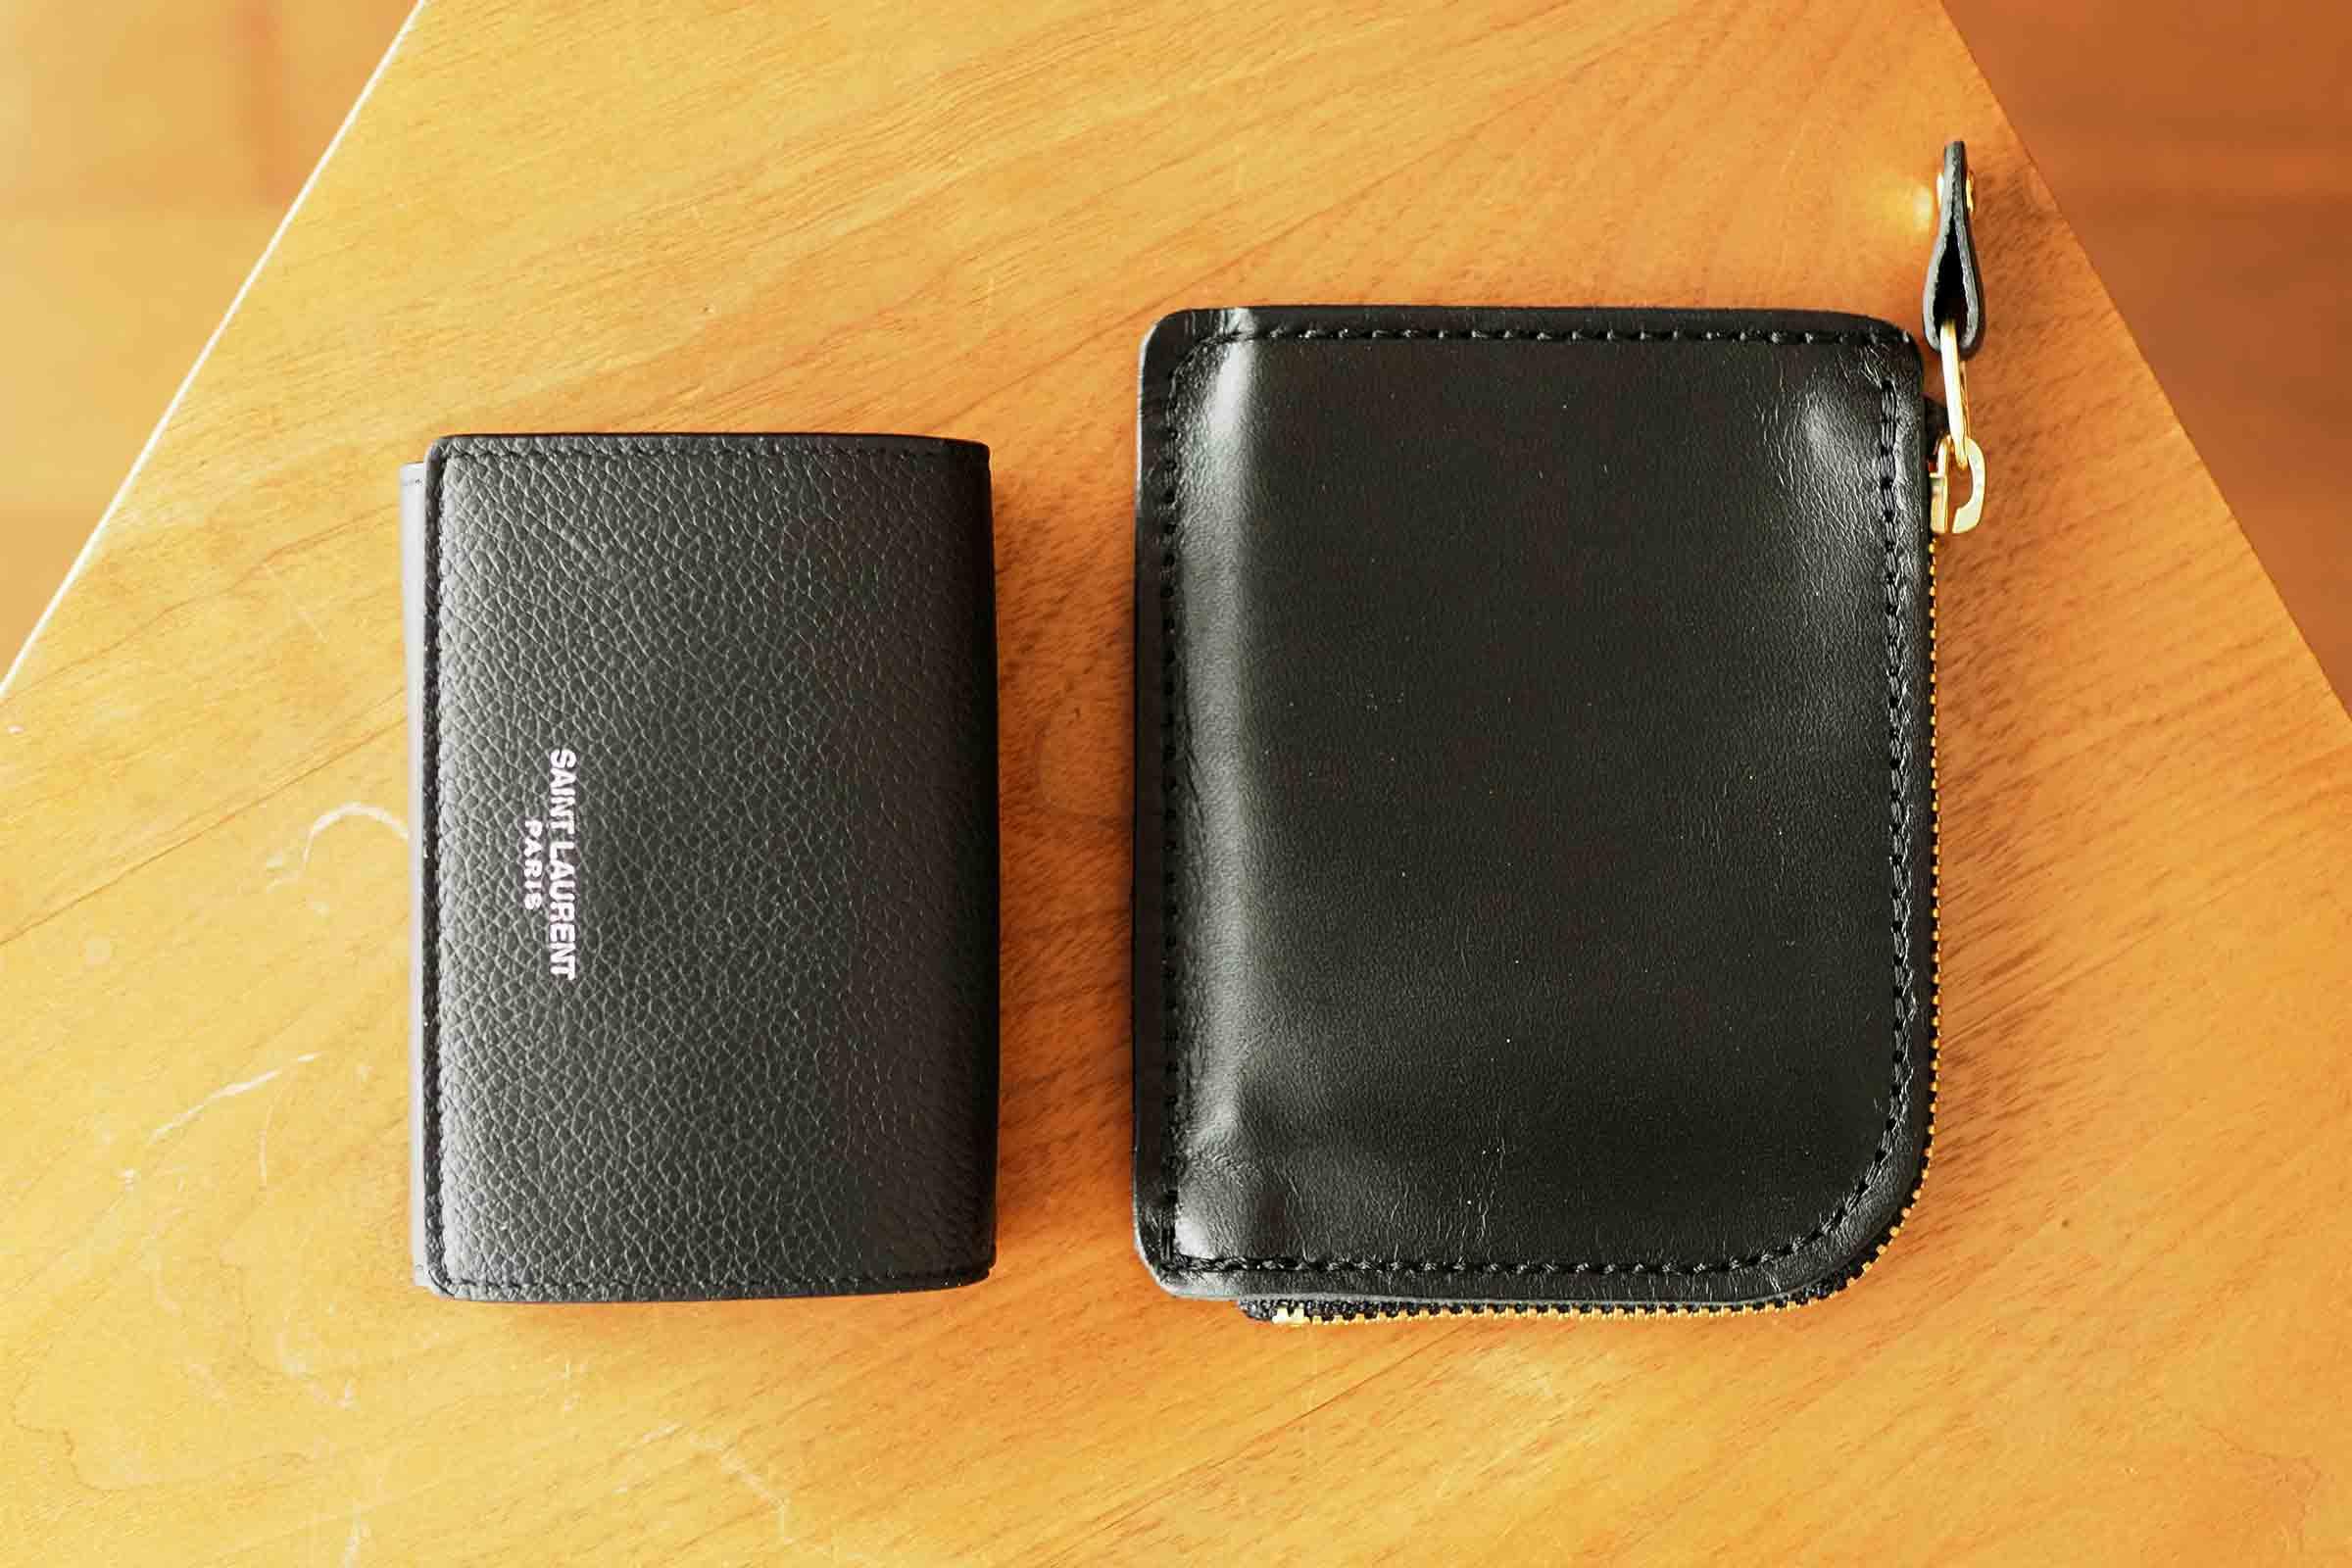 財布,ミニ財布,メンズ,栃木レザー,本革,小さい,薄い,サイズ